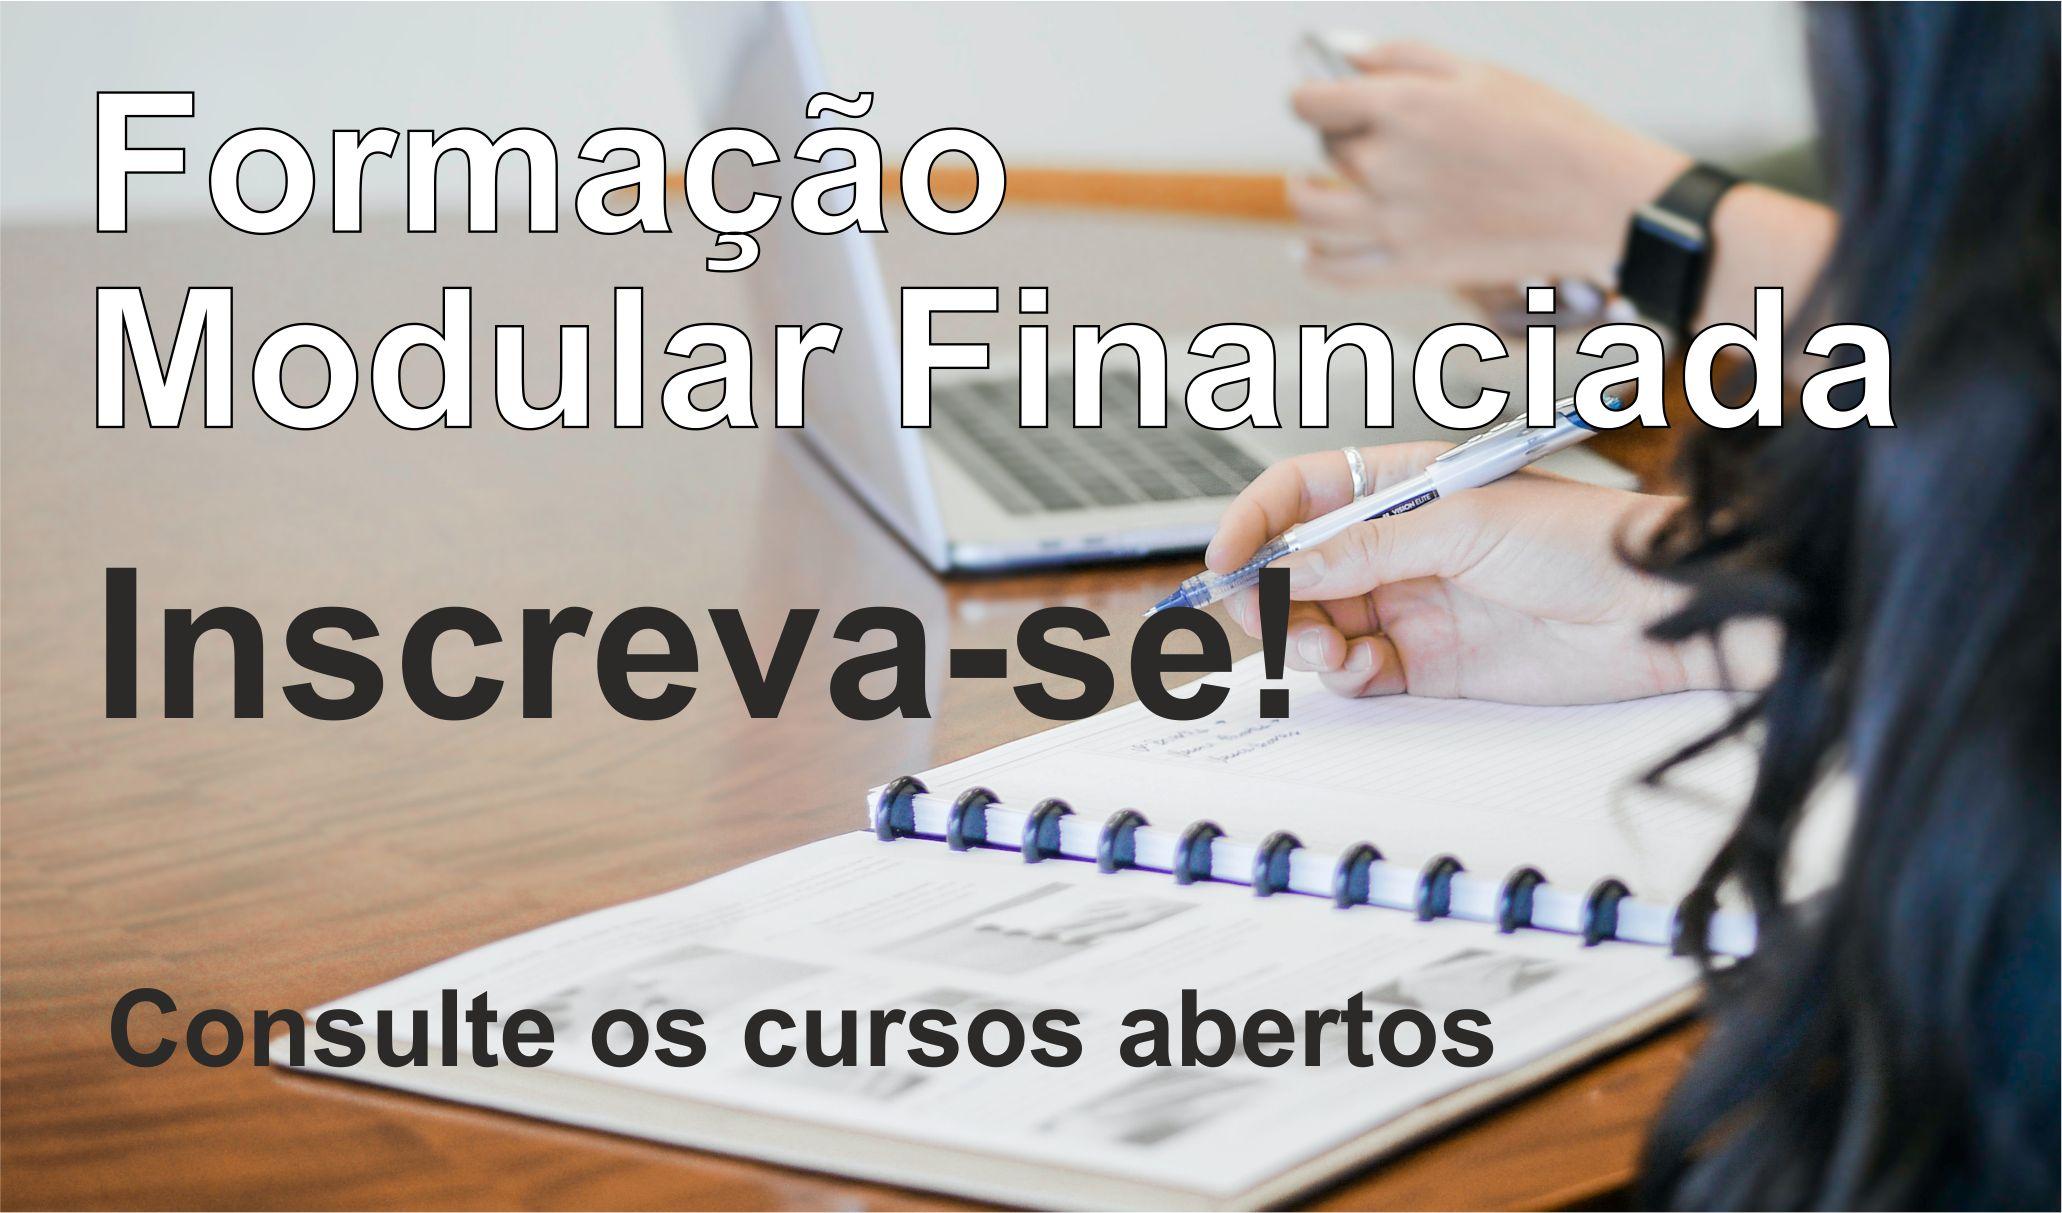 Oferta de Formação Financiada